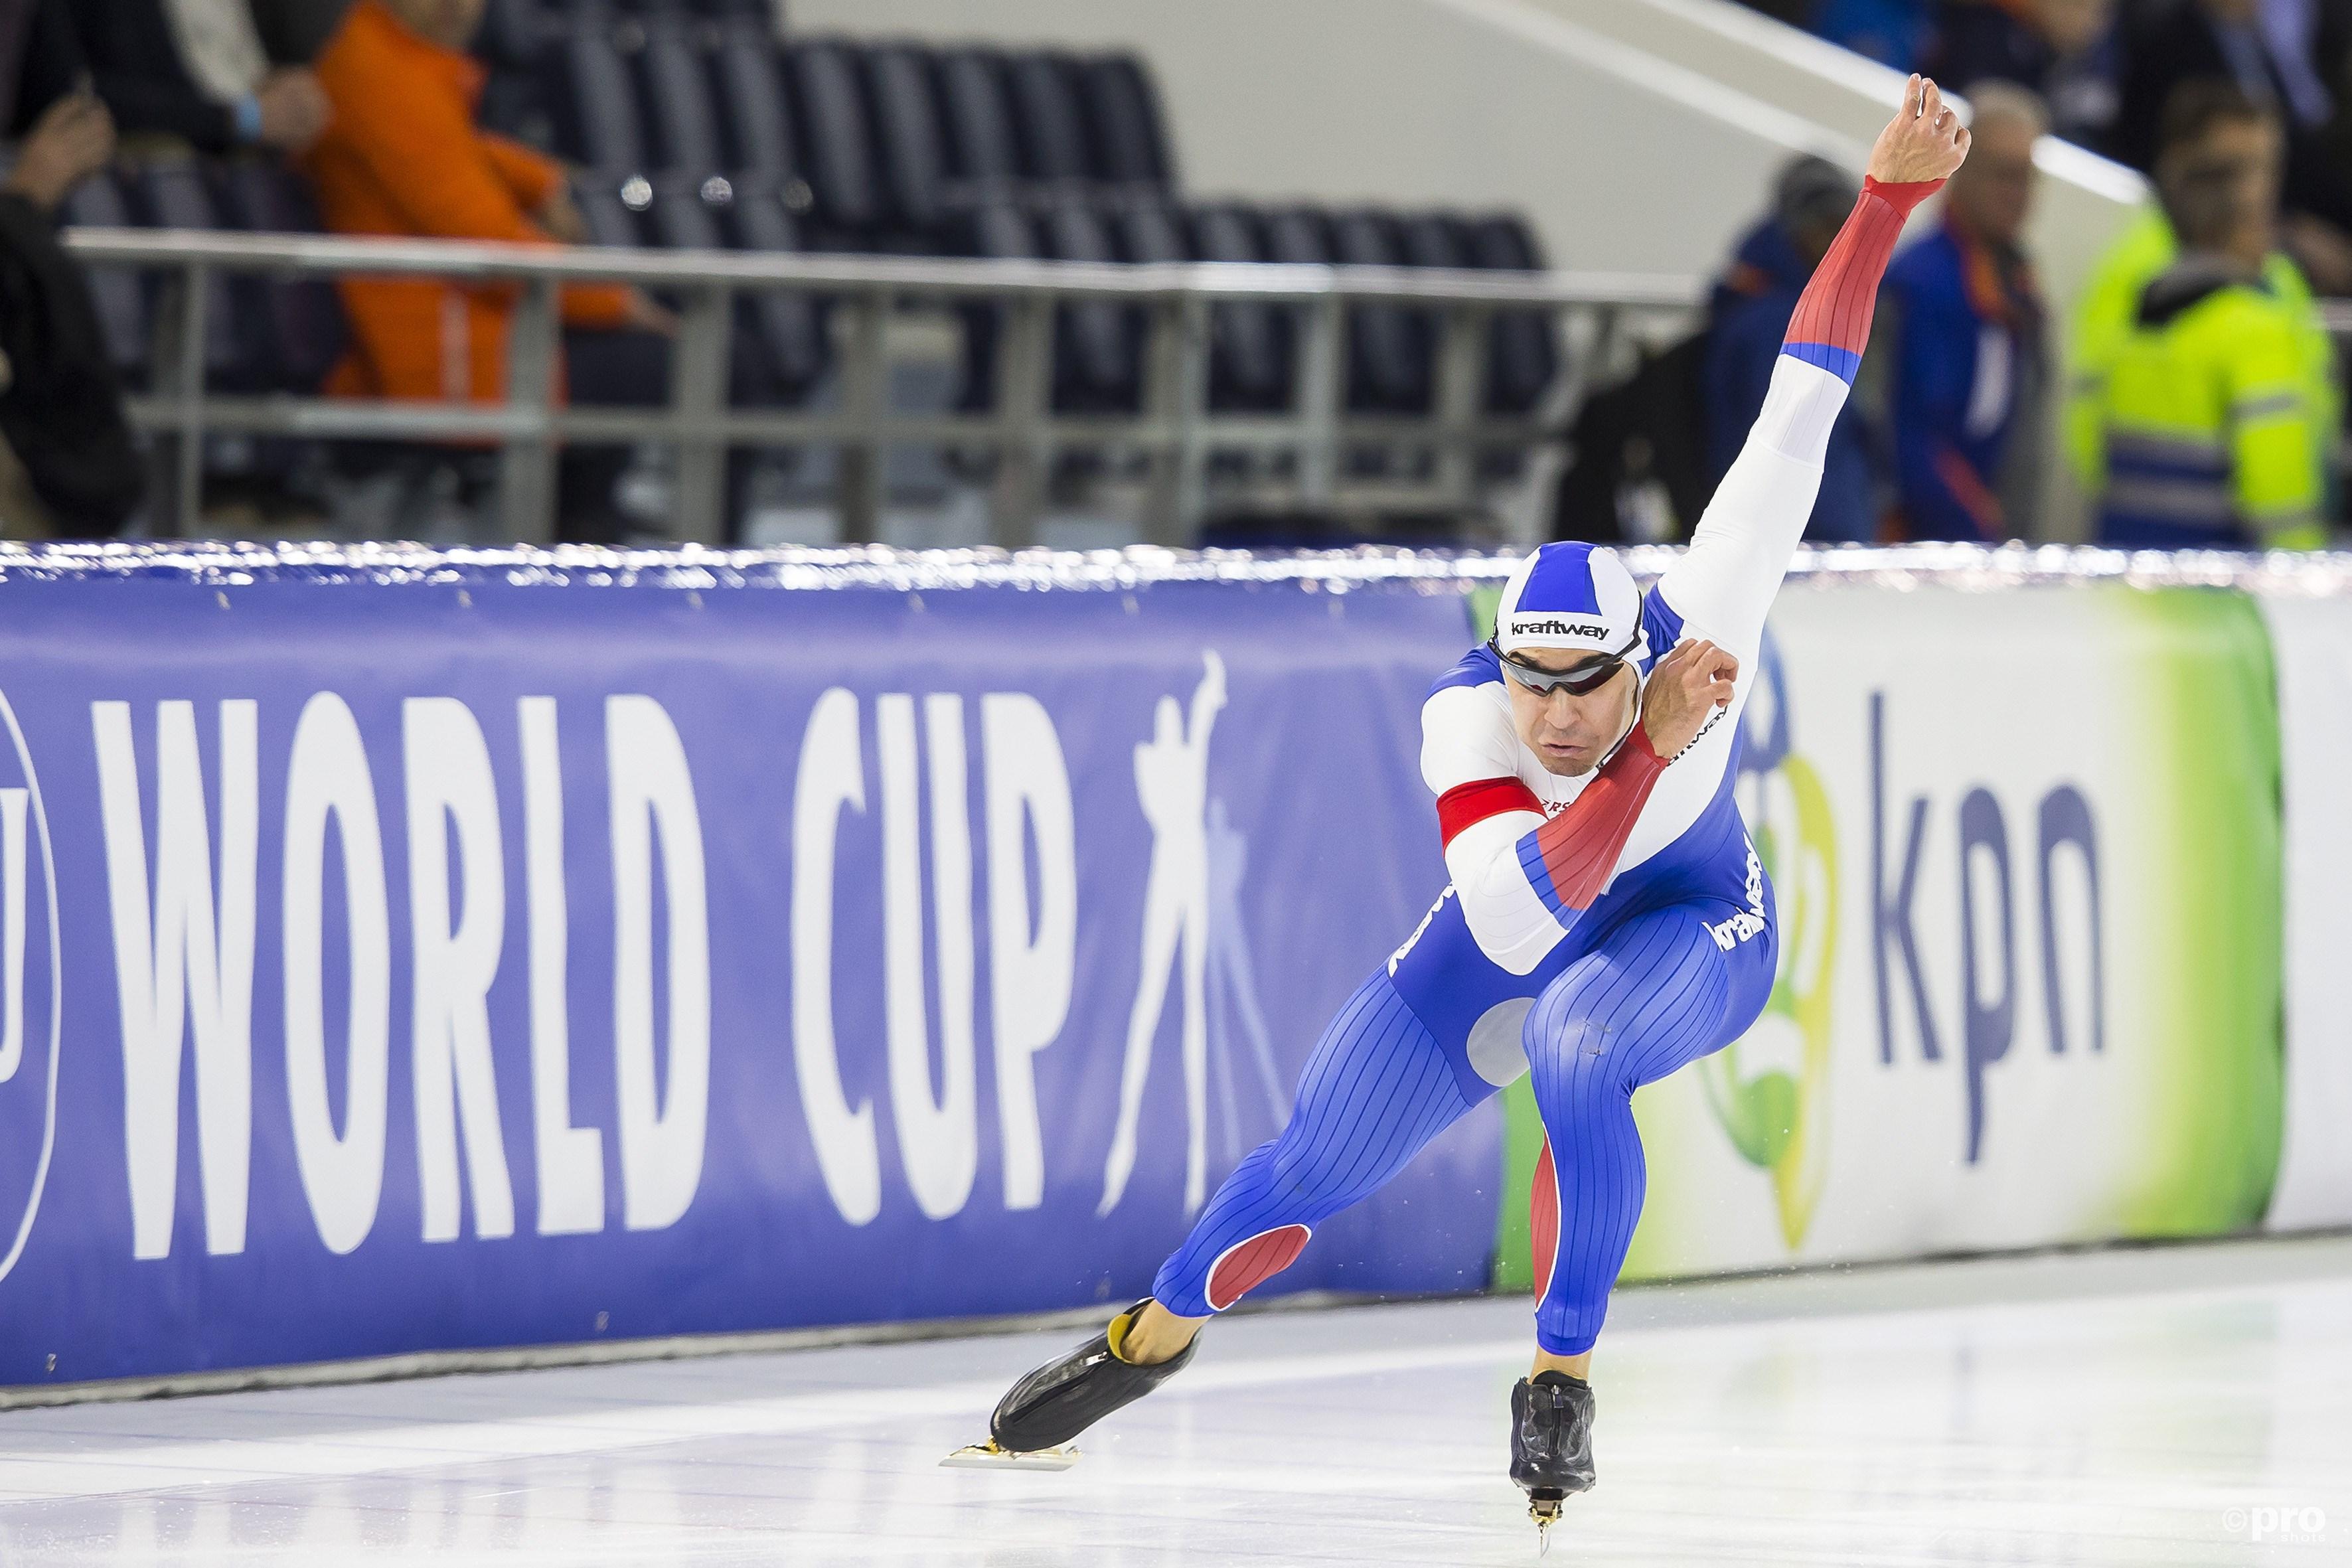 Ruslan Murashov is de grote man op de 500 meter dit seizoen (Pro Shots/Erik Pasman)